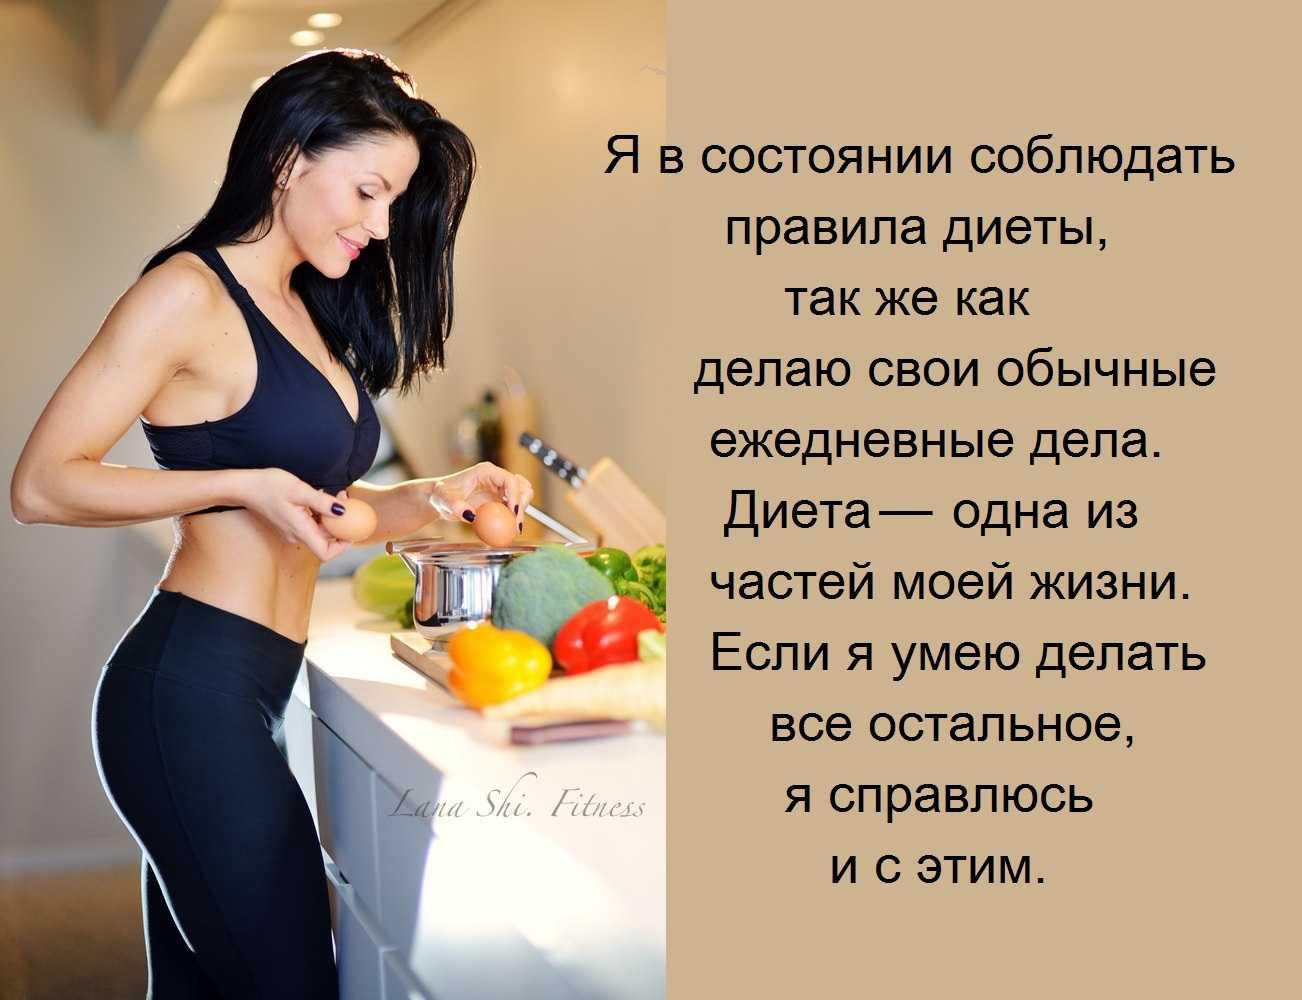 Мотивация для похудения: психологические способы как мотивировать себя на похудение